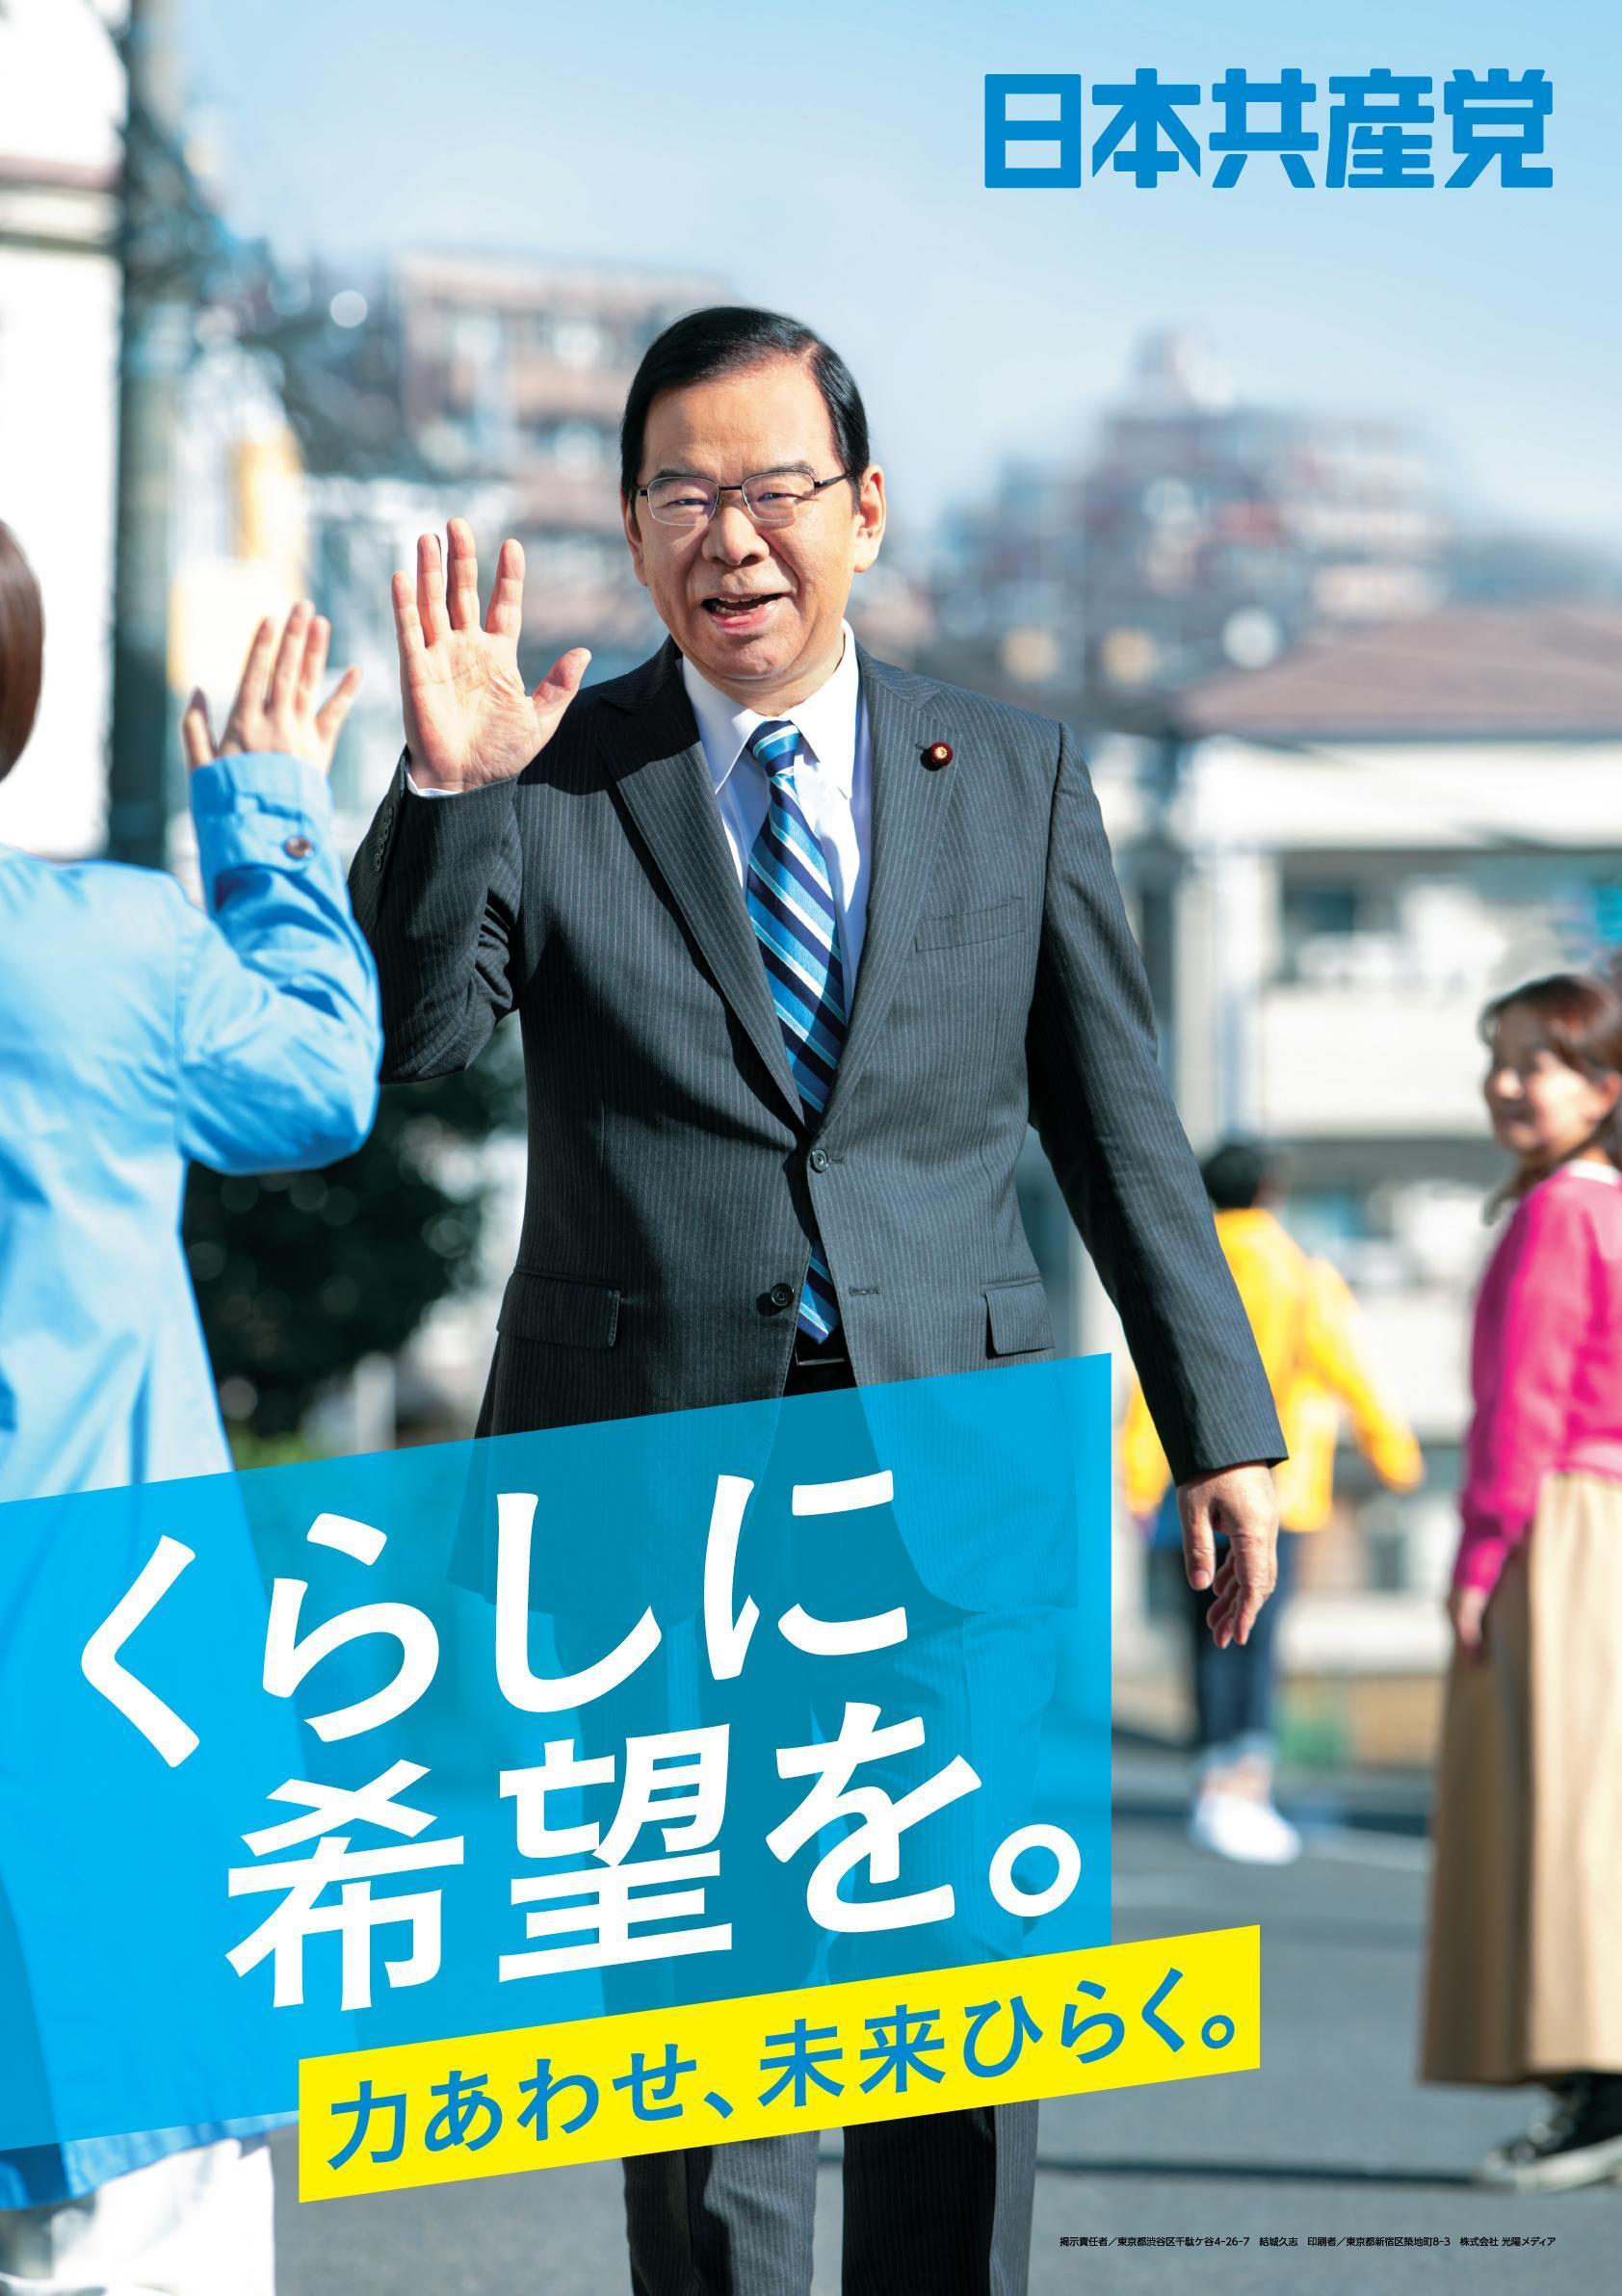 「51年テーゼ」とブレない政党「日本共産党」